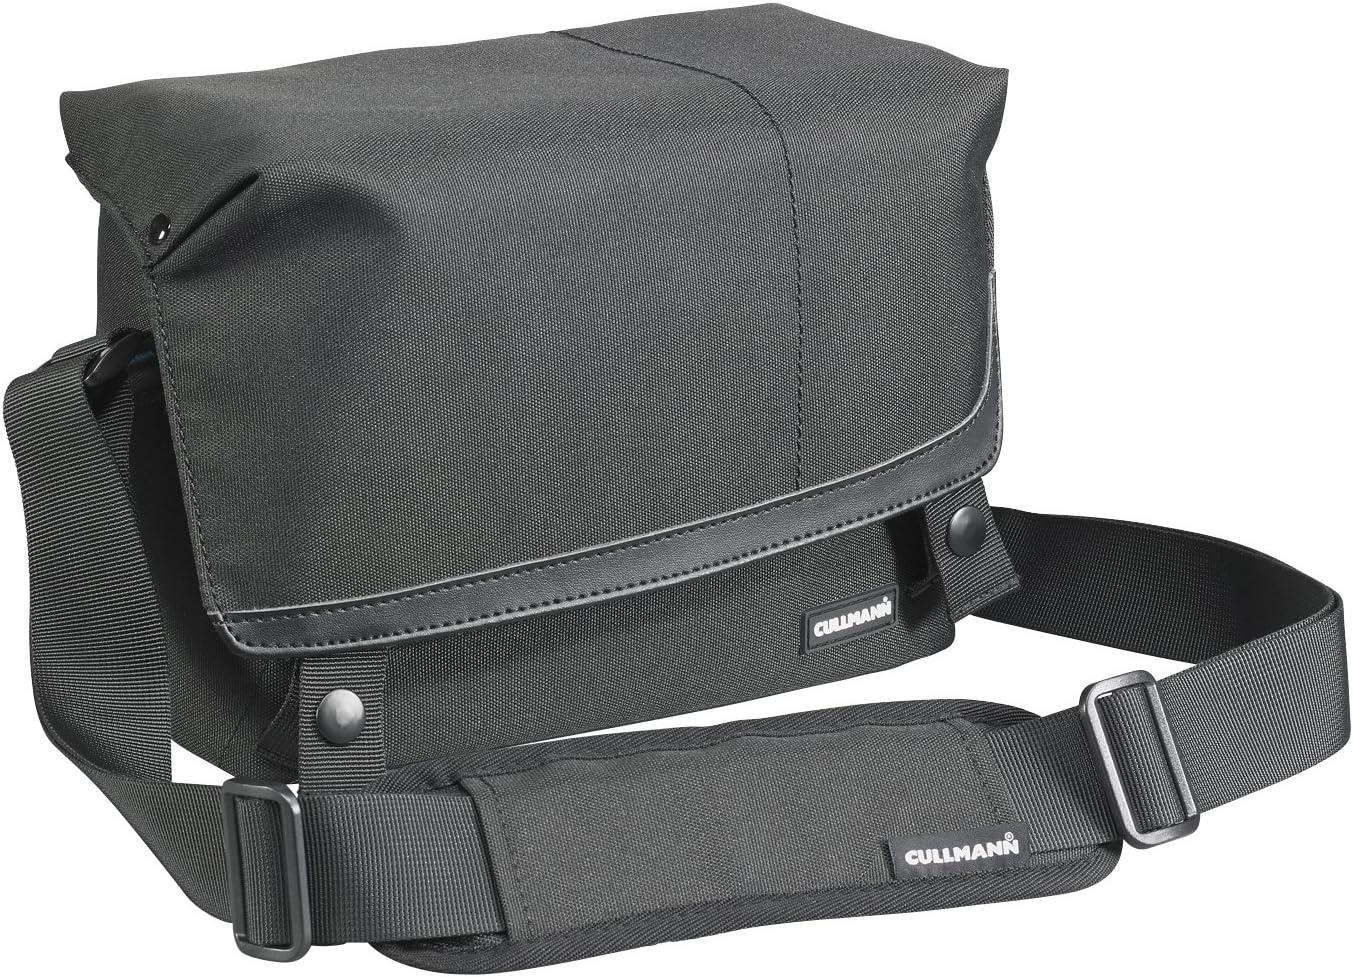 Cullmann 98180 Madrid Two Vario 200 Schwarz Kameratasche Innenmaße Bxhxt 90x140x75mm